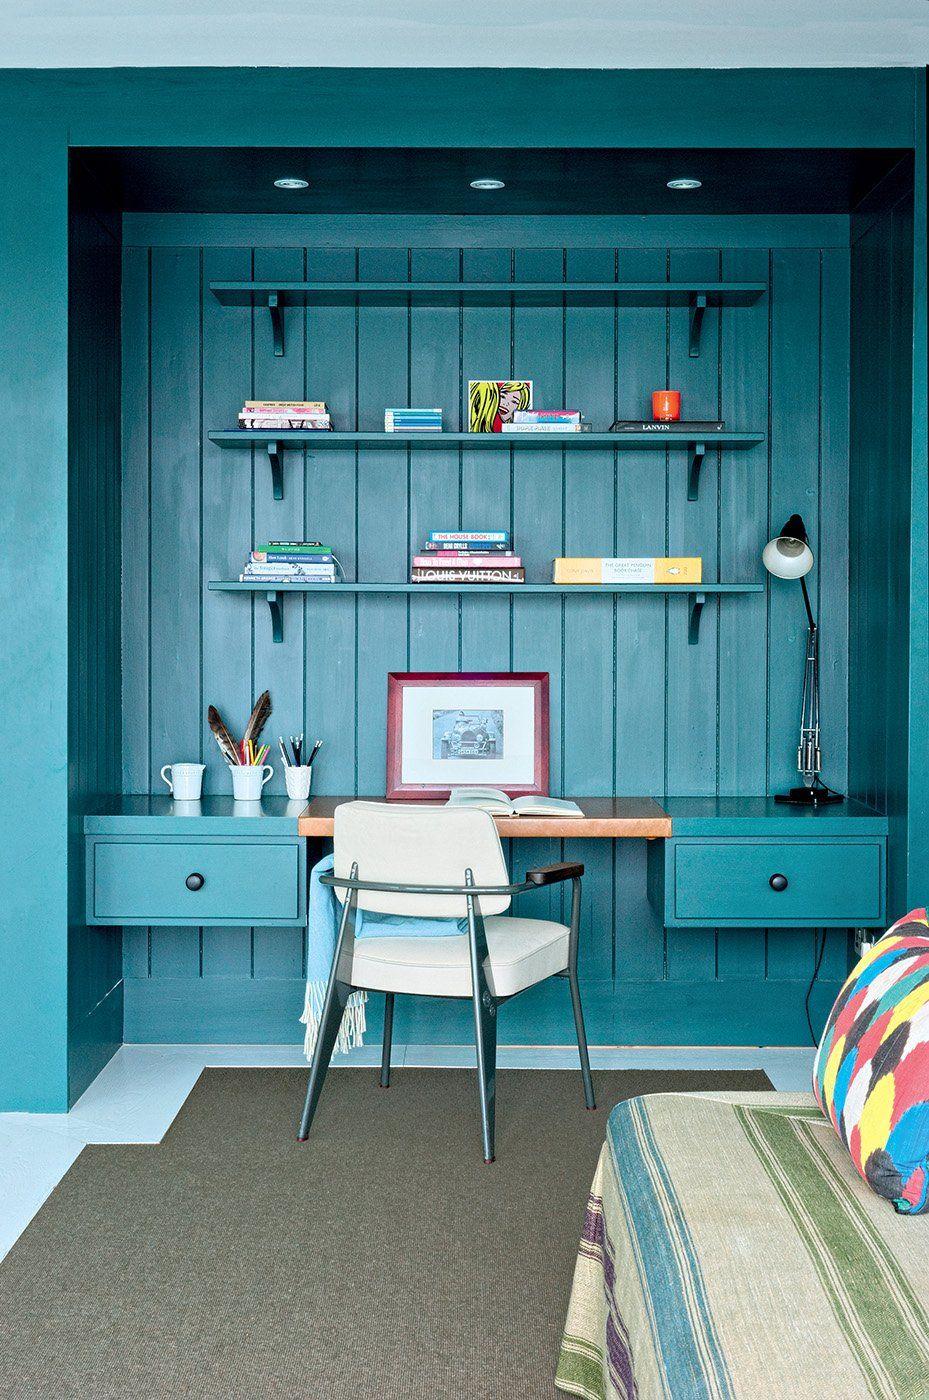 une maison new look au bord d 39 un lac alc ve marie claire maison et marie claire. Black Bedroom Furniture Sets. Home Design Ideas